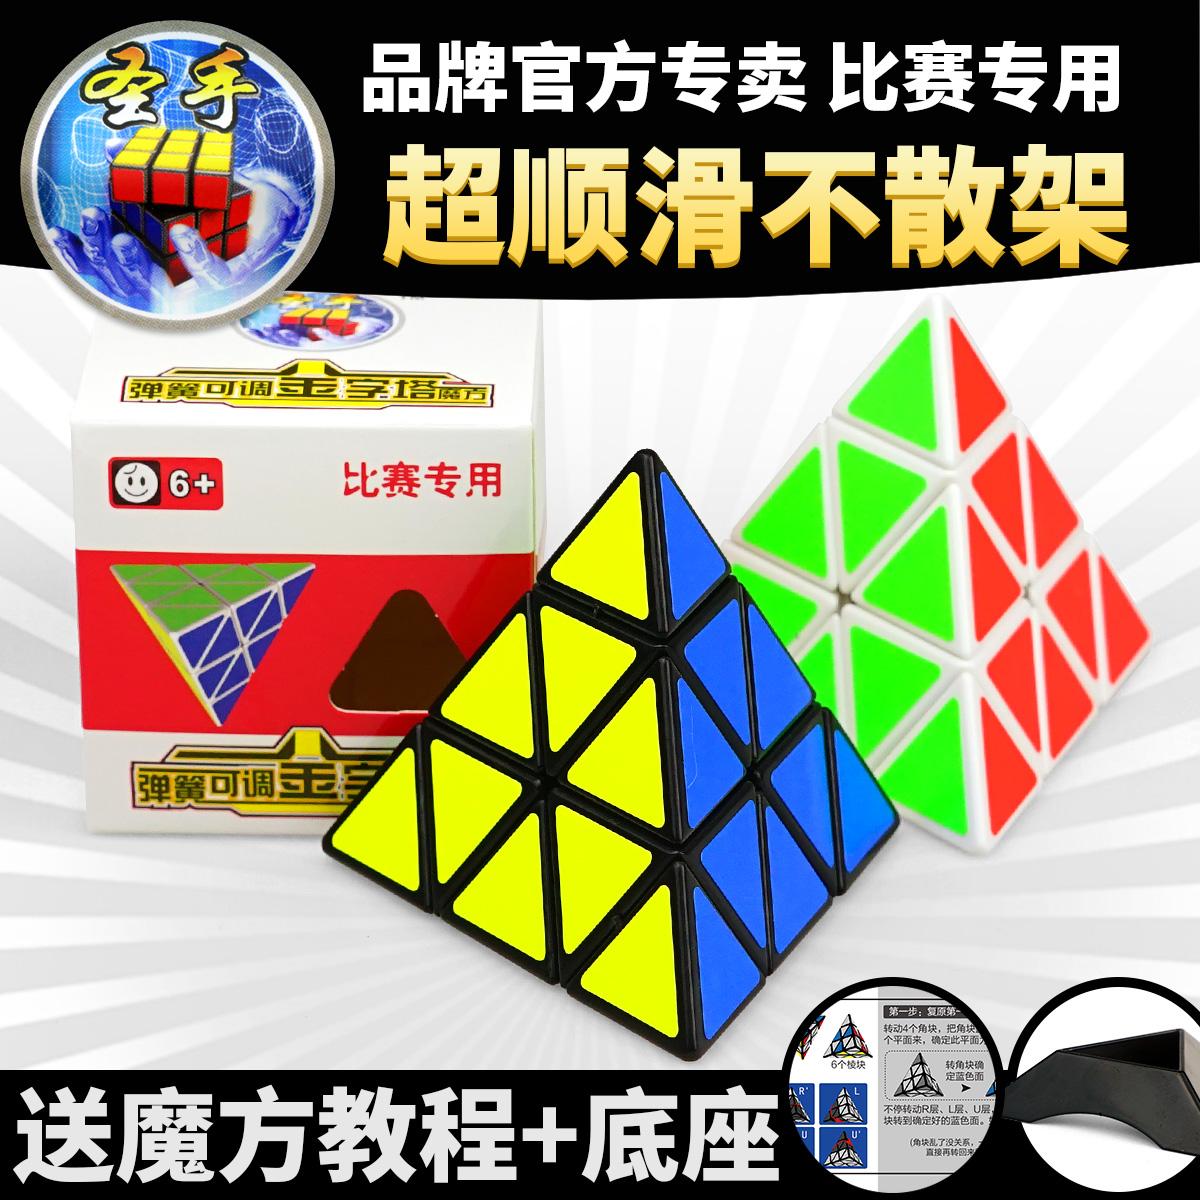 12月02日最新优惠圣手金字塔异形竞速拧四轴比赛魔方